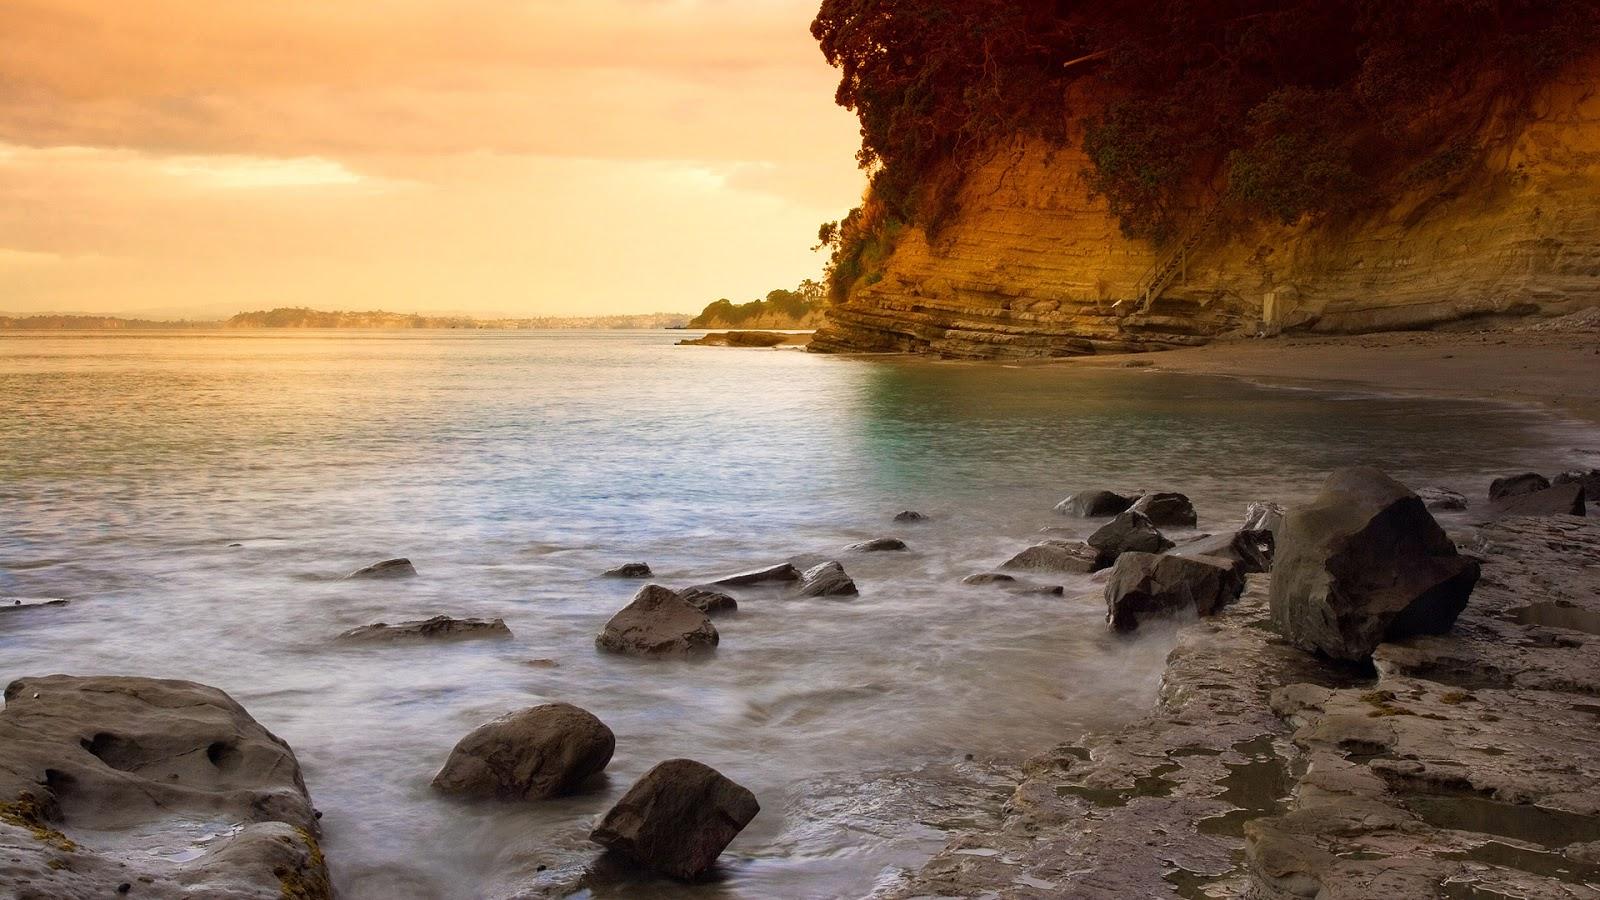 ... fotografía de una playa muy bella con algunas rocas en la orilla